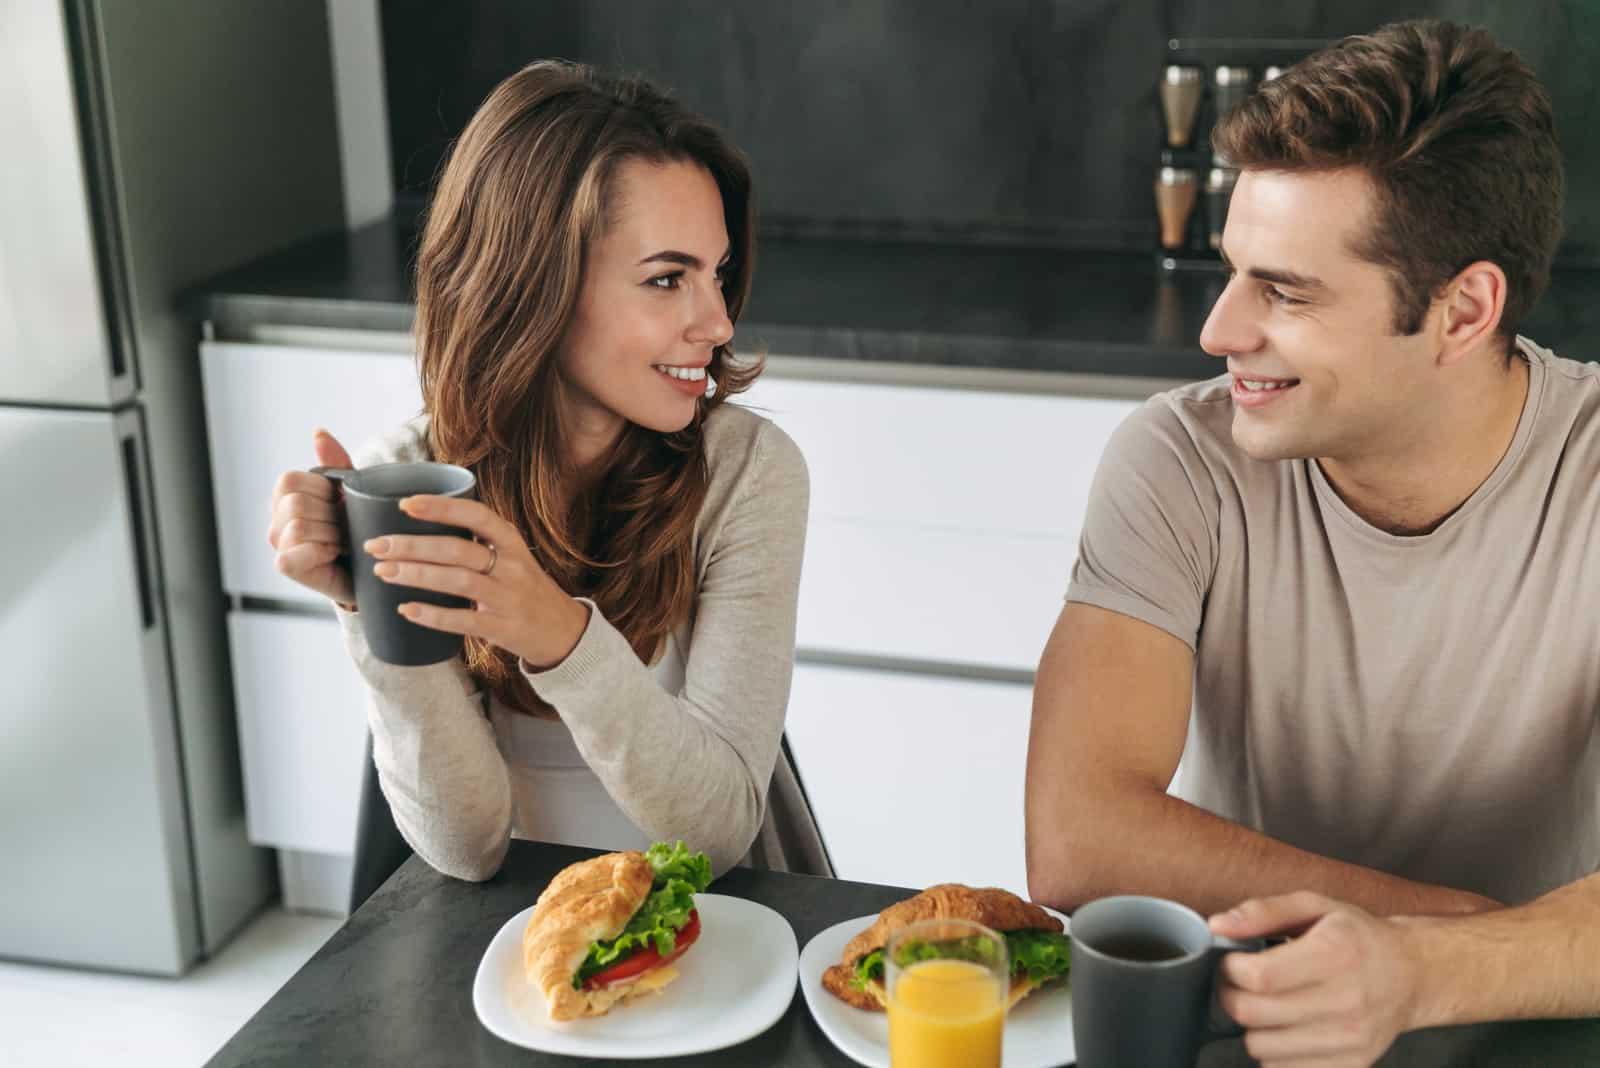 un homme et une femme prennent le petit déjeuner et discutent